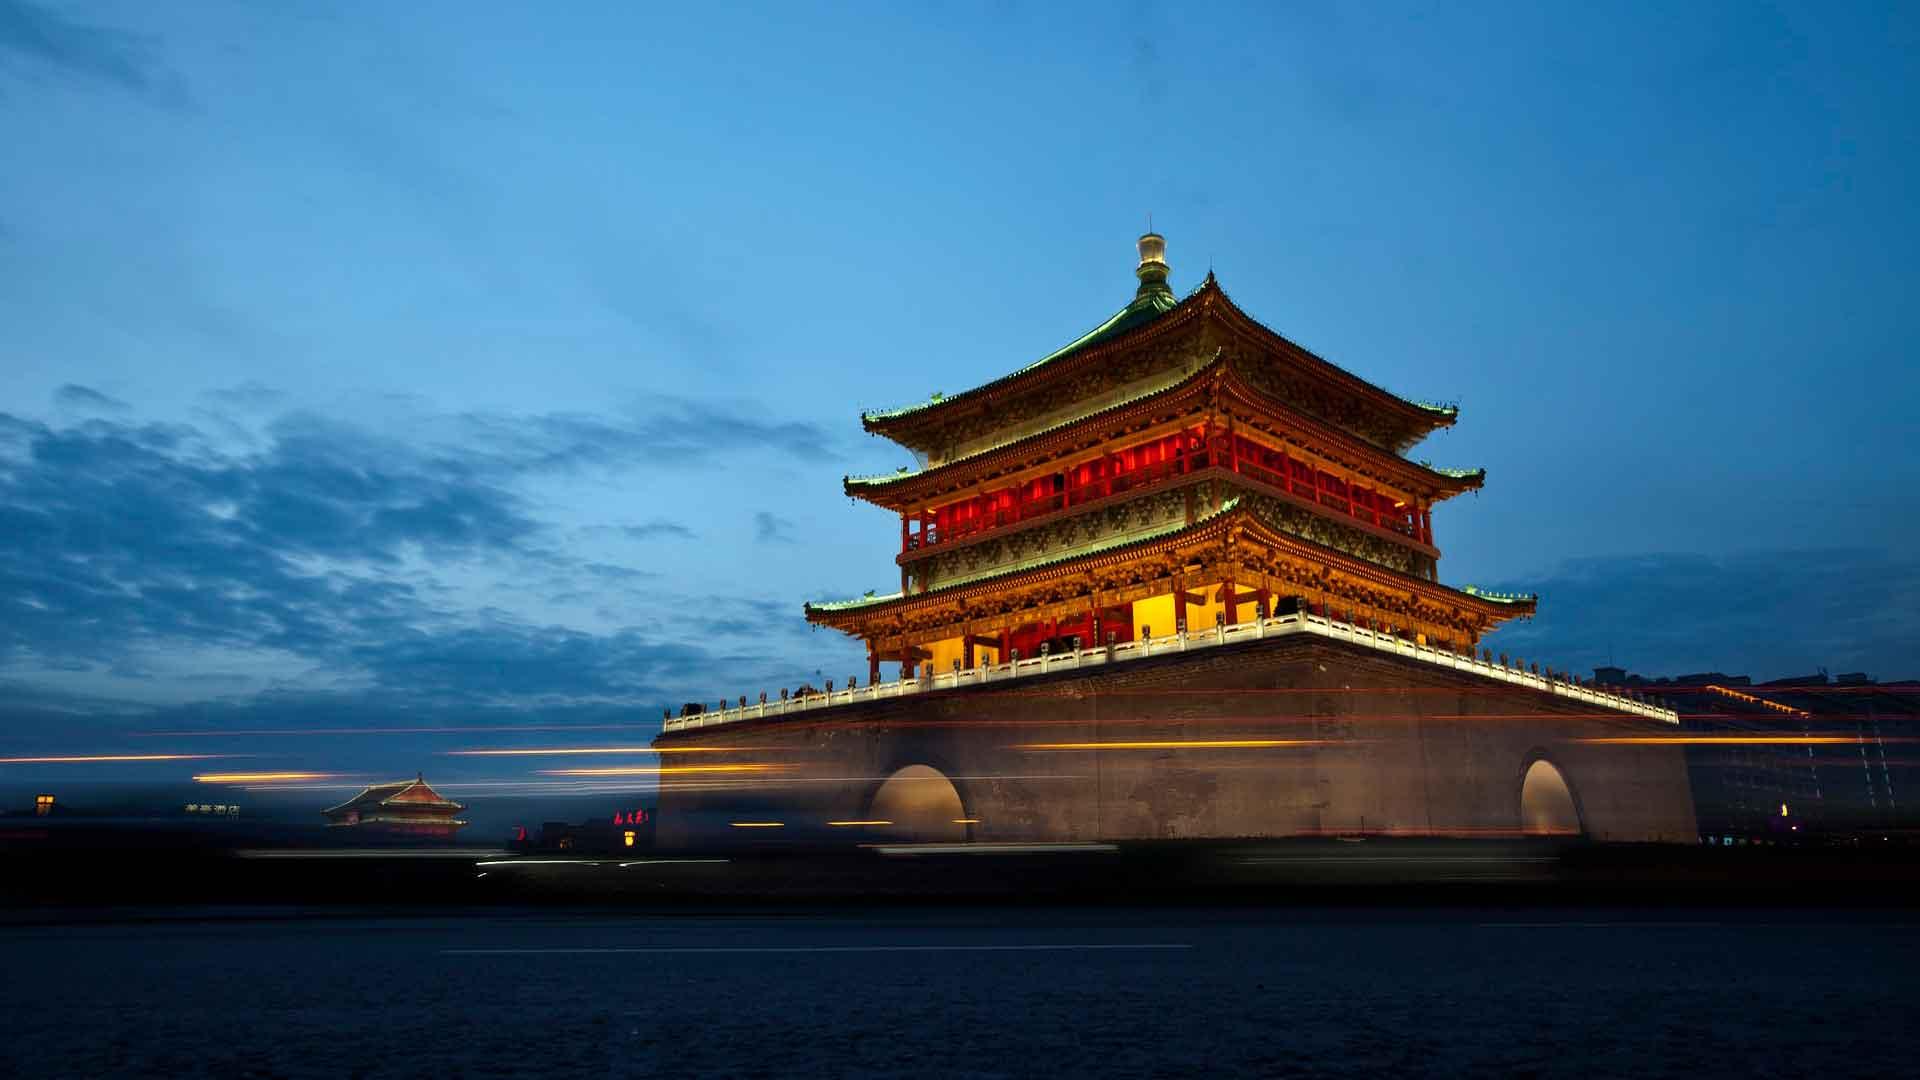 La reserva China hero asset